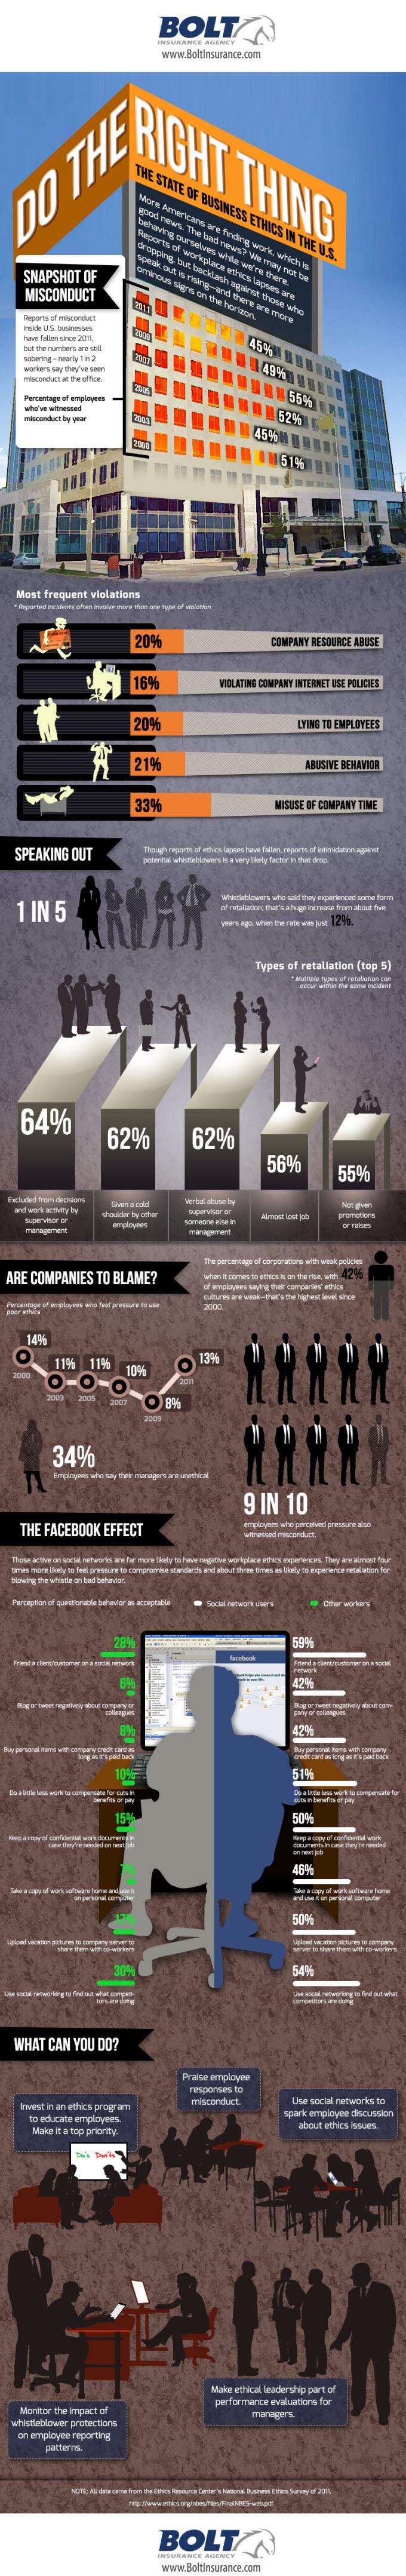 Business Ethics Explained